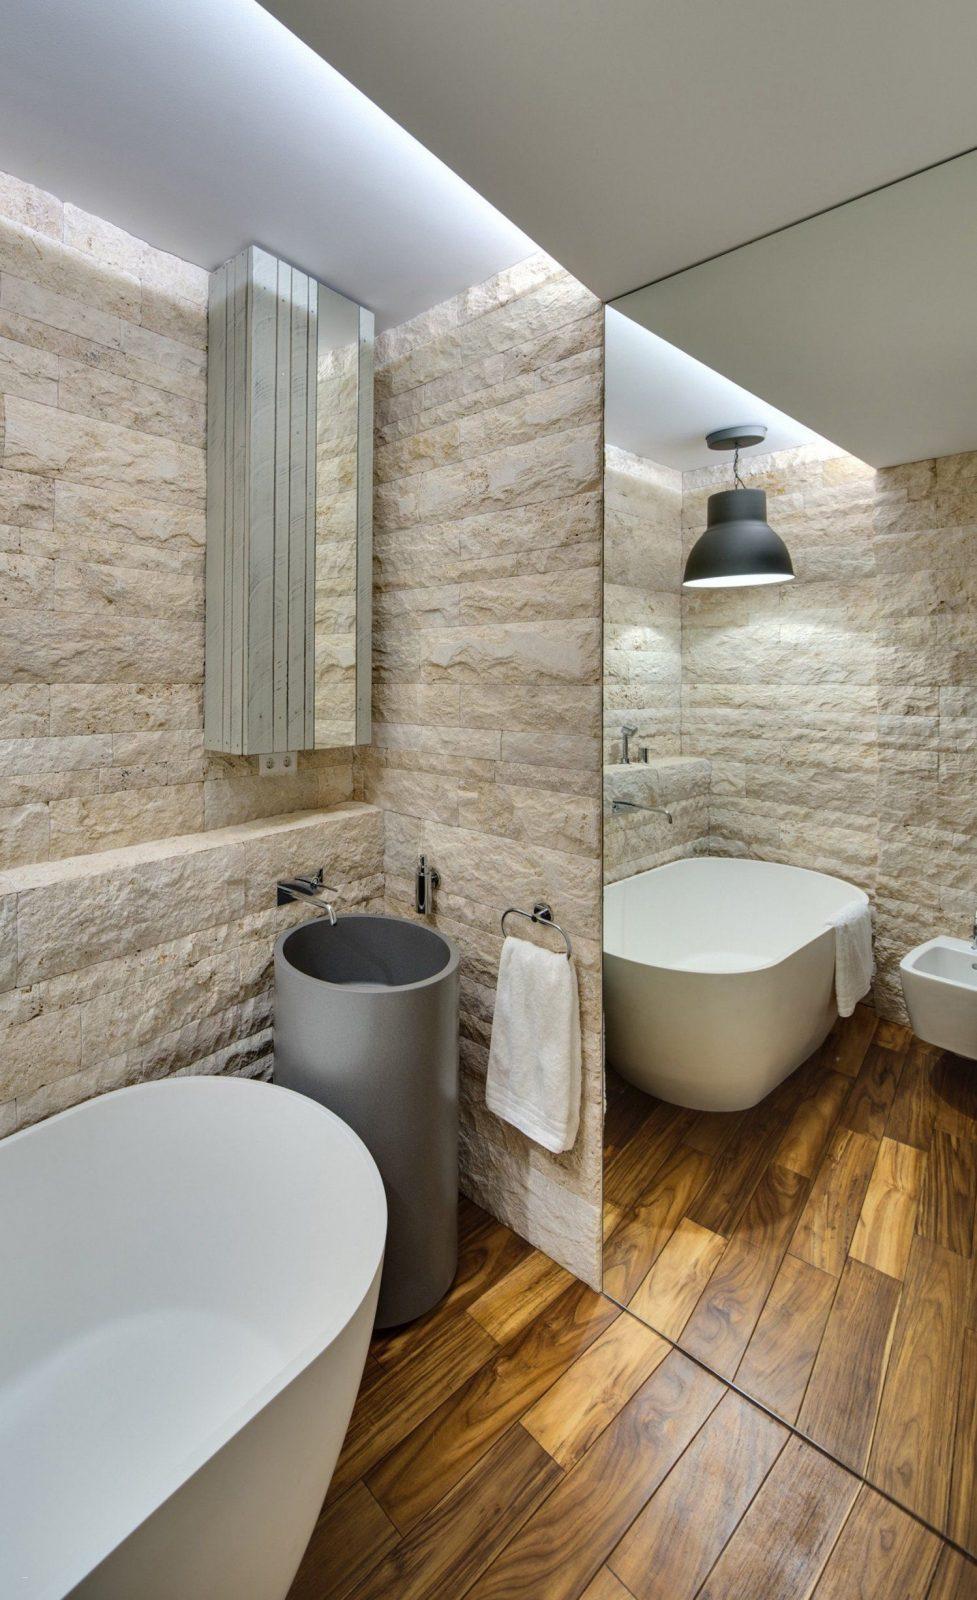 badezimmer ohne fliesen gestalten luxus badezimmer modern gestalten von g ste wc gestalten ohne. Black Bedroom Furniture Sets. Home Design Ideas